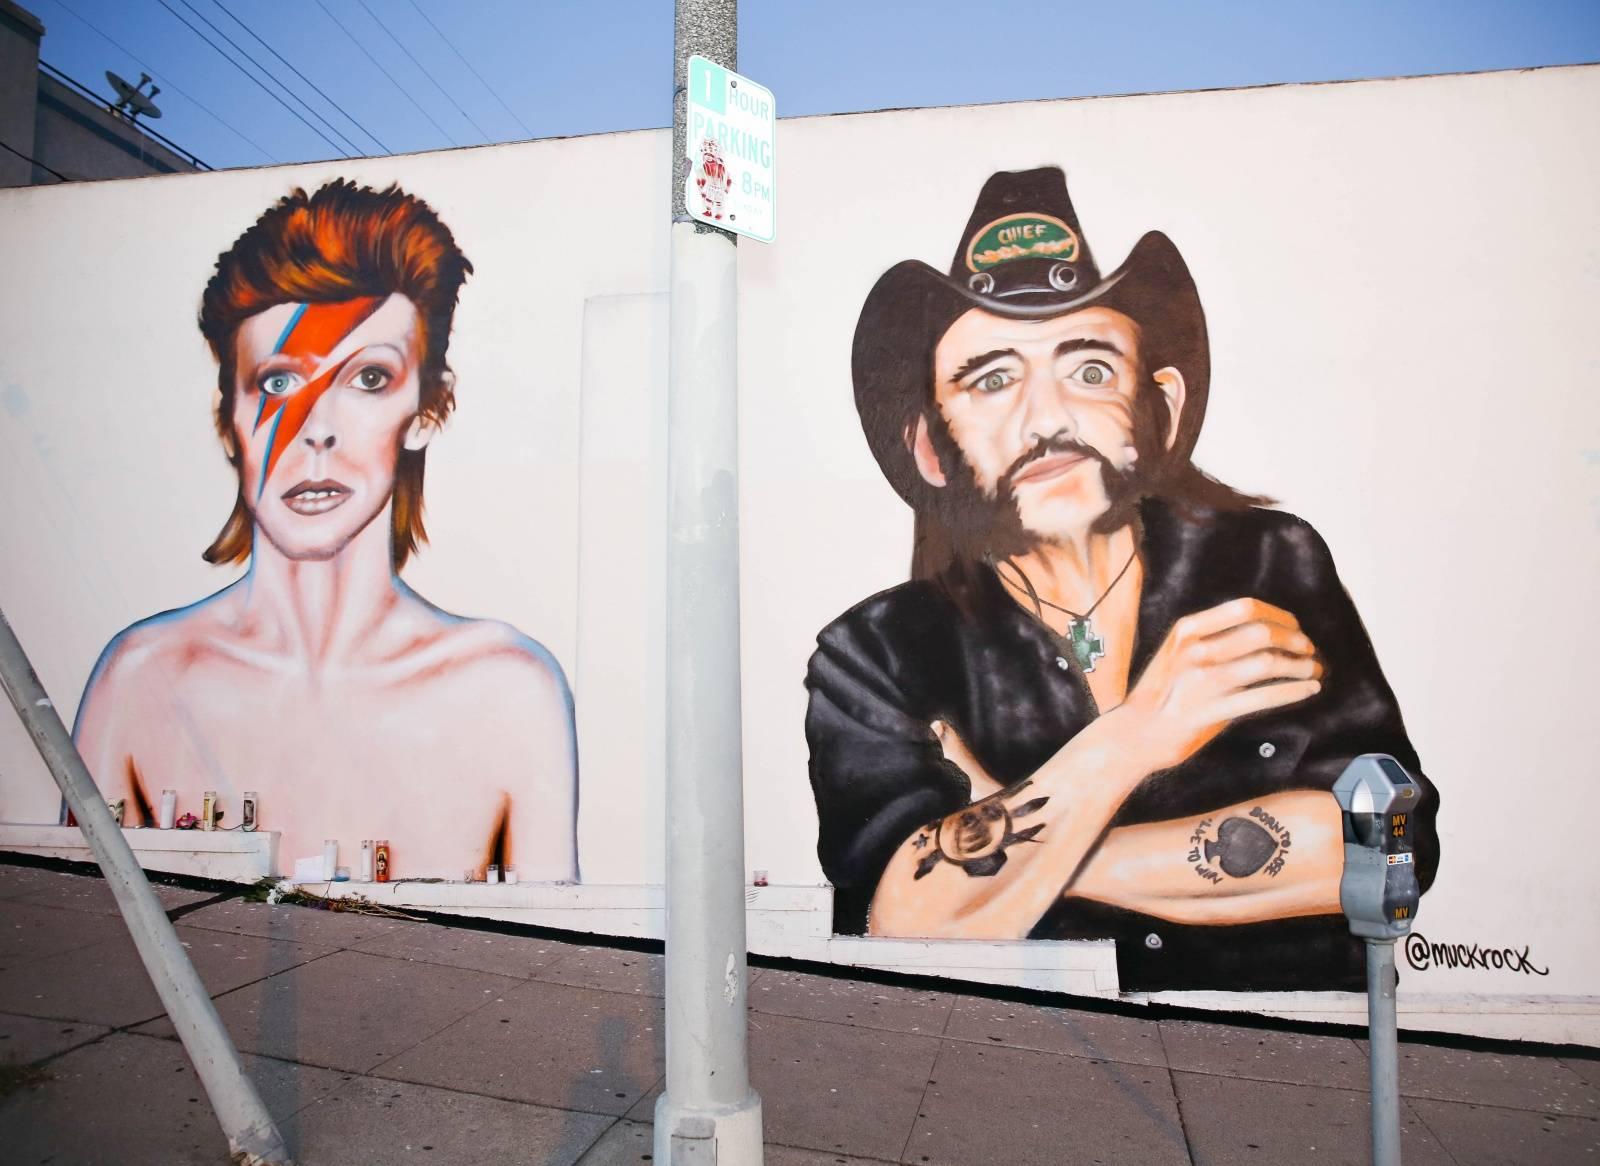 TOP 10 taháků letošních Grammy: Poctěni budou David Bowie, Lemmy i B. B. King, vystoupí také  Adele či Rihanna